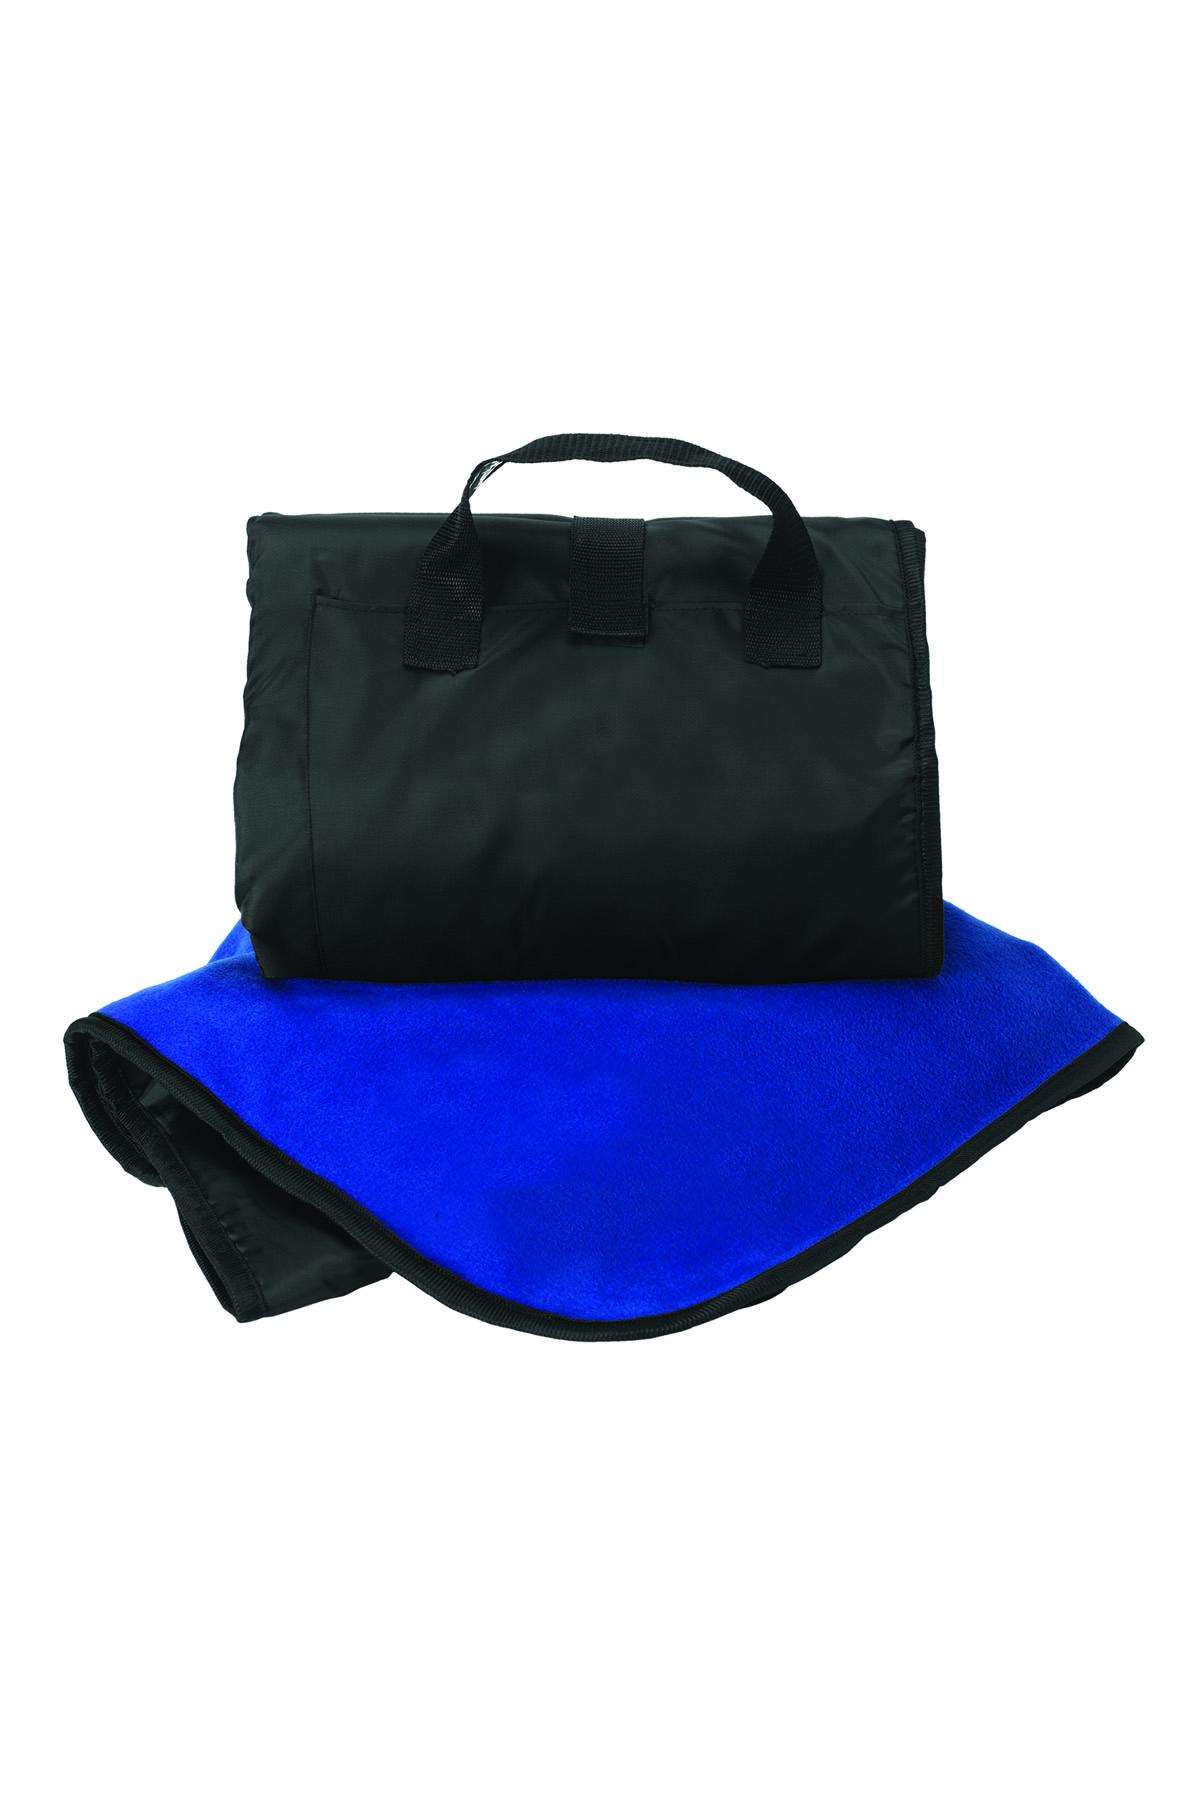 Vantage 0609 - Packable Vantek Fleece Blanket